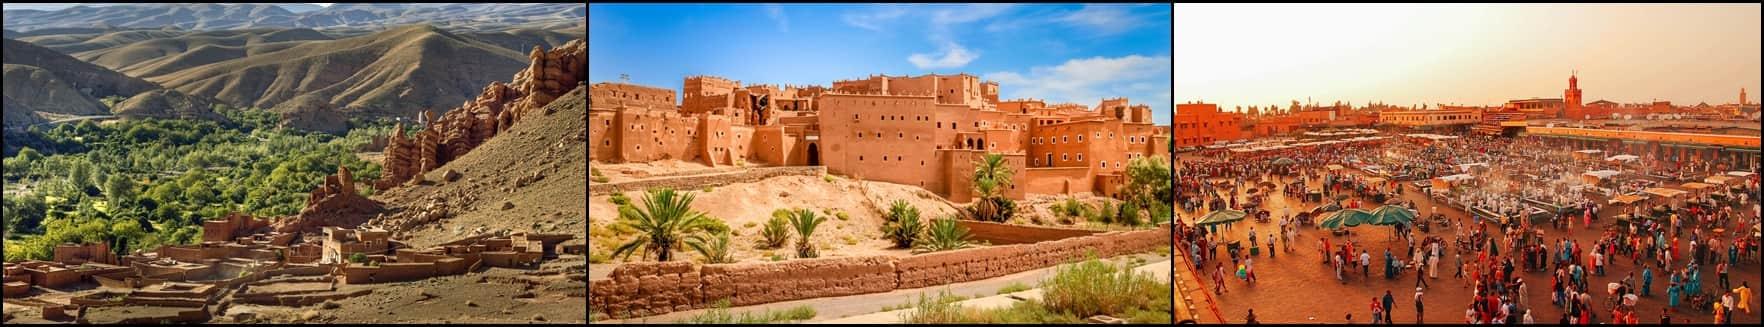 Morocco d7